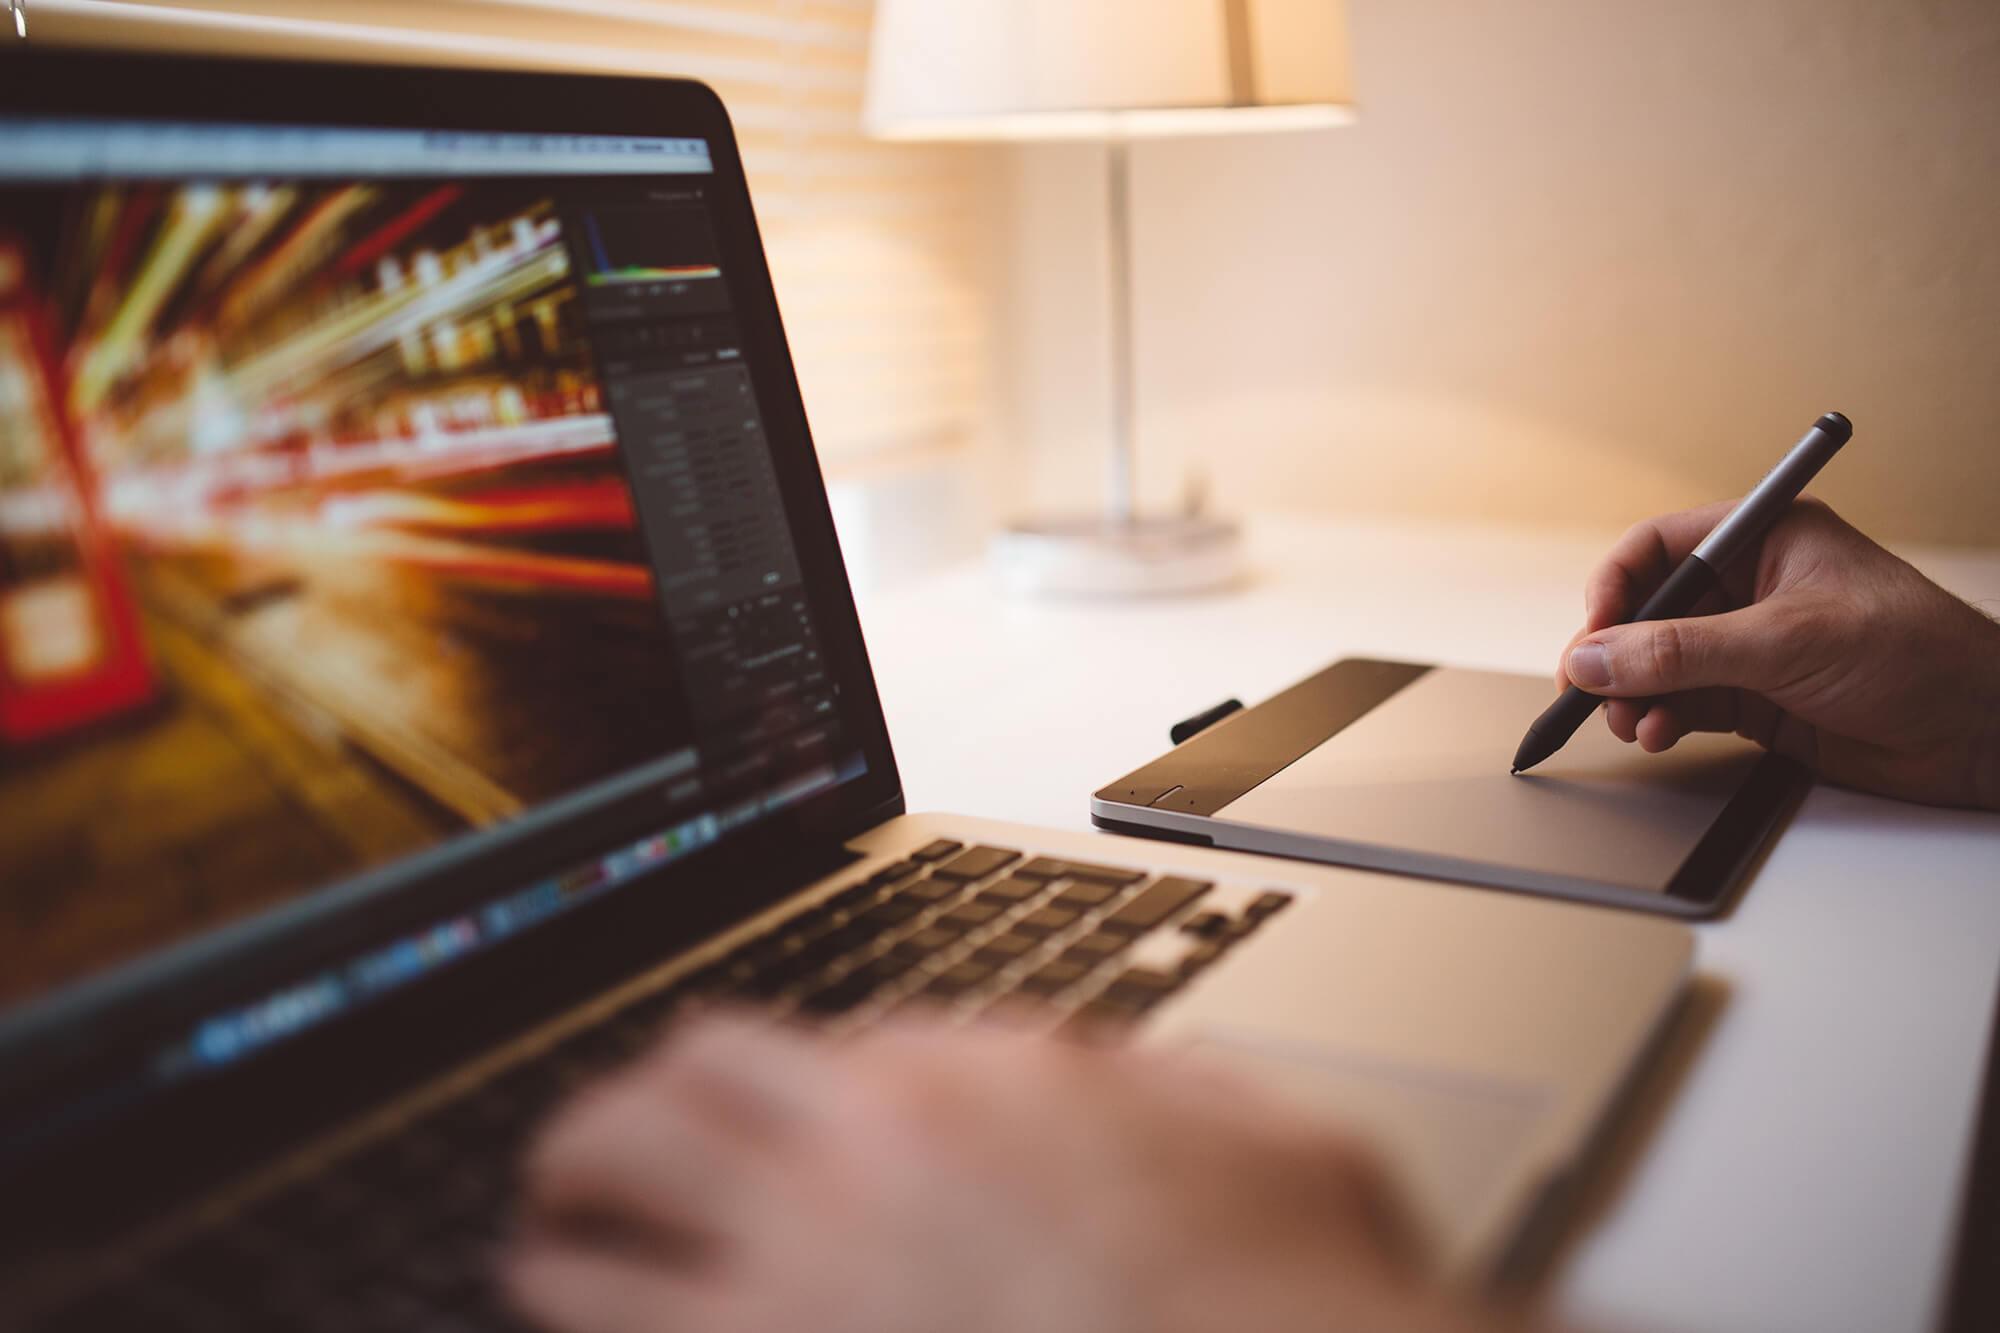 Evropská komise nakoupí vybavení – software i hardware – pro svoje oddělení grafického designu